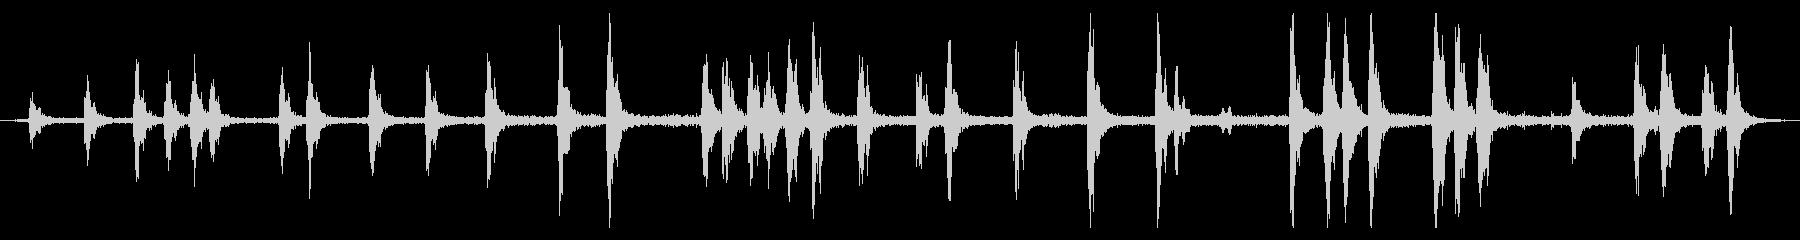 いくつかの犬、最後の2番目の犬の鳴...の未再生の波形